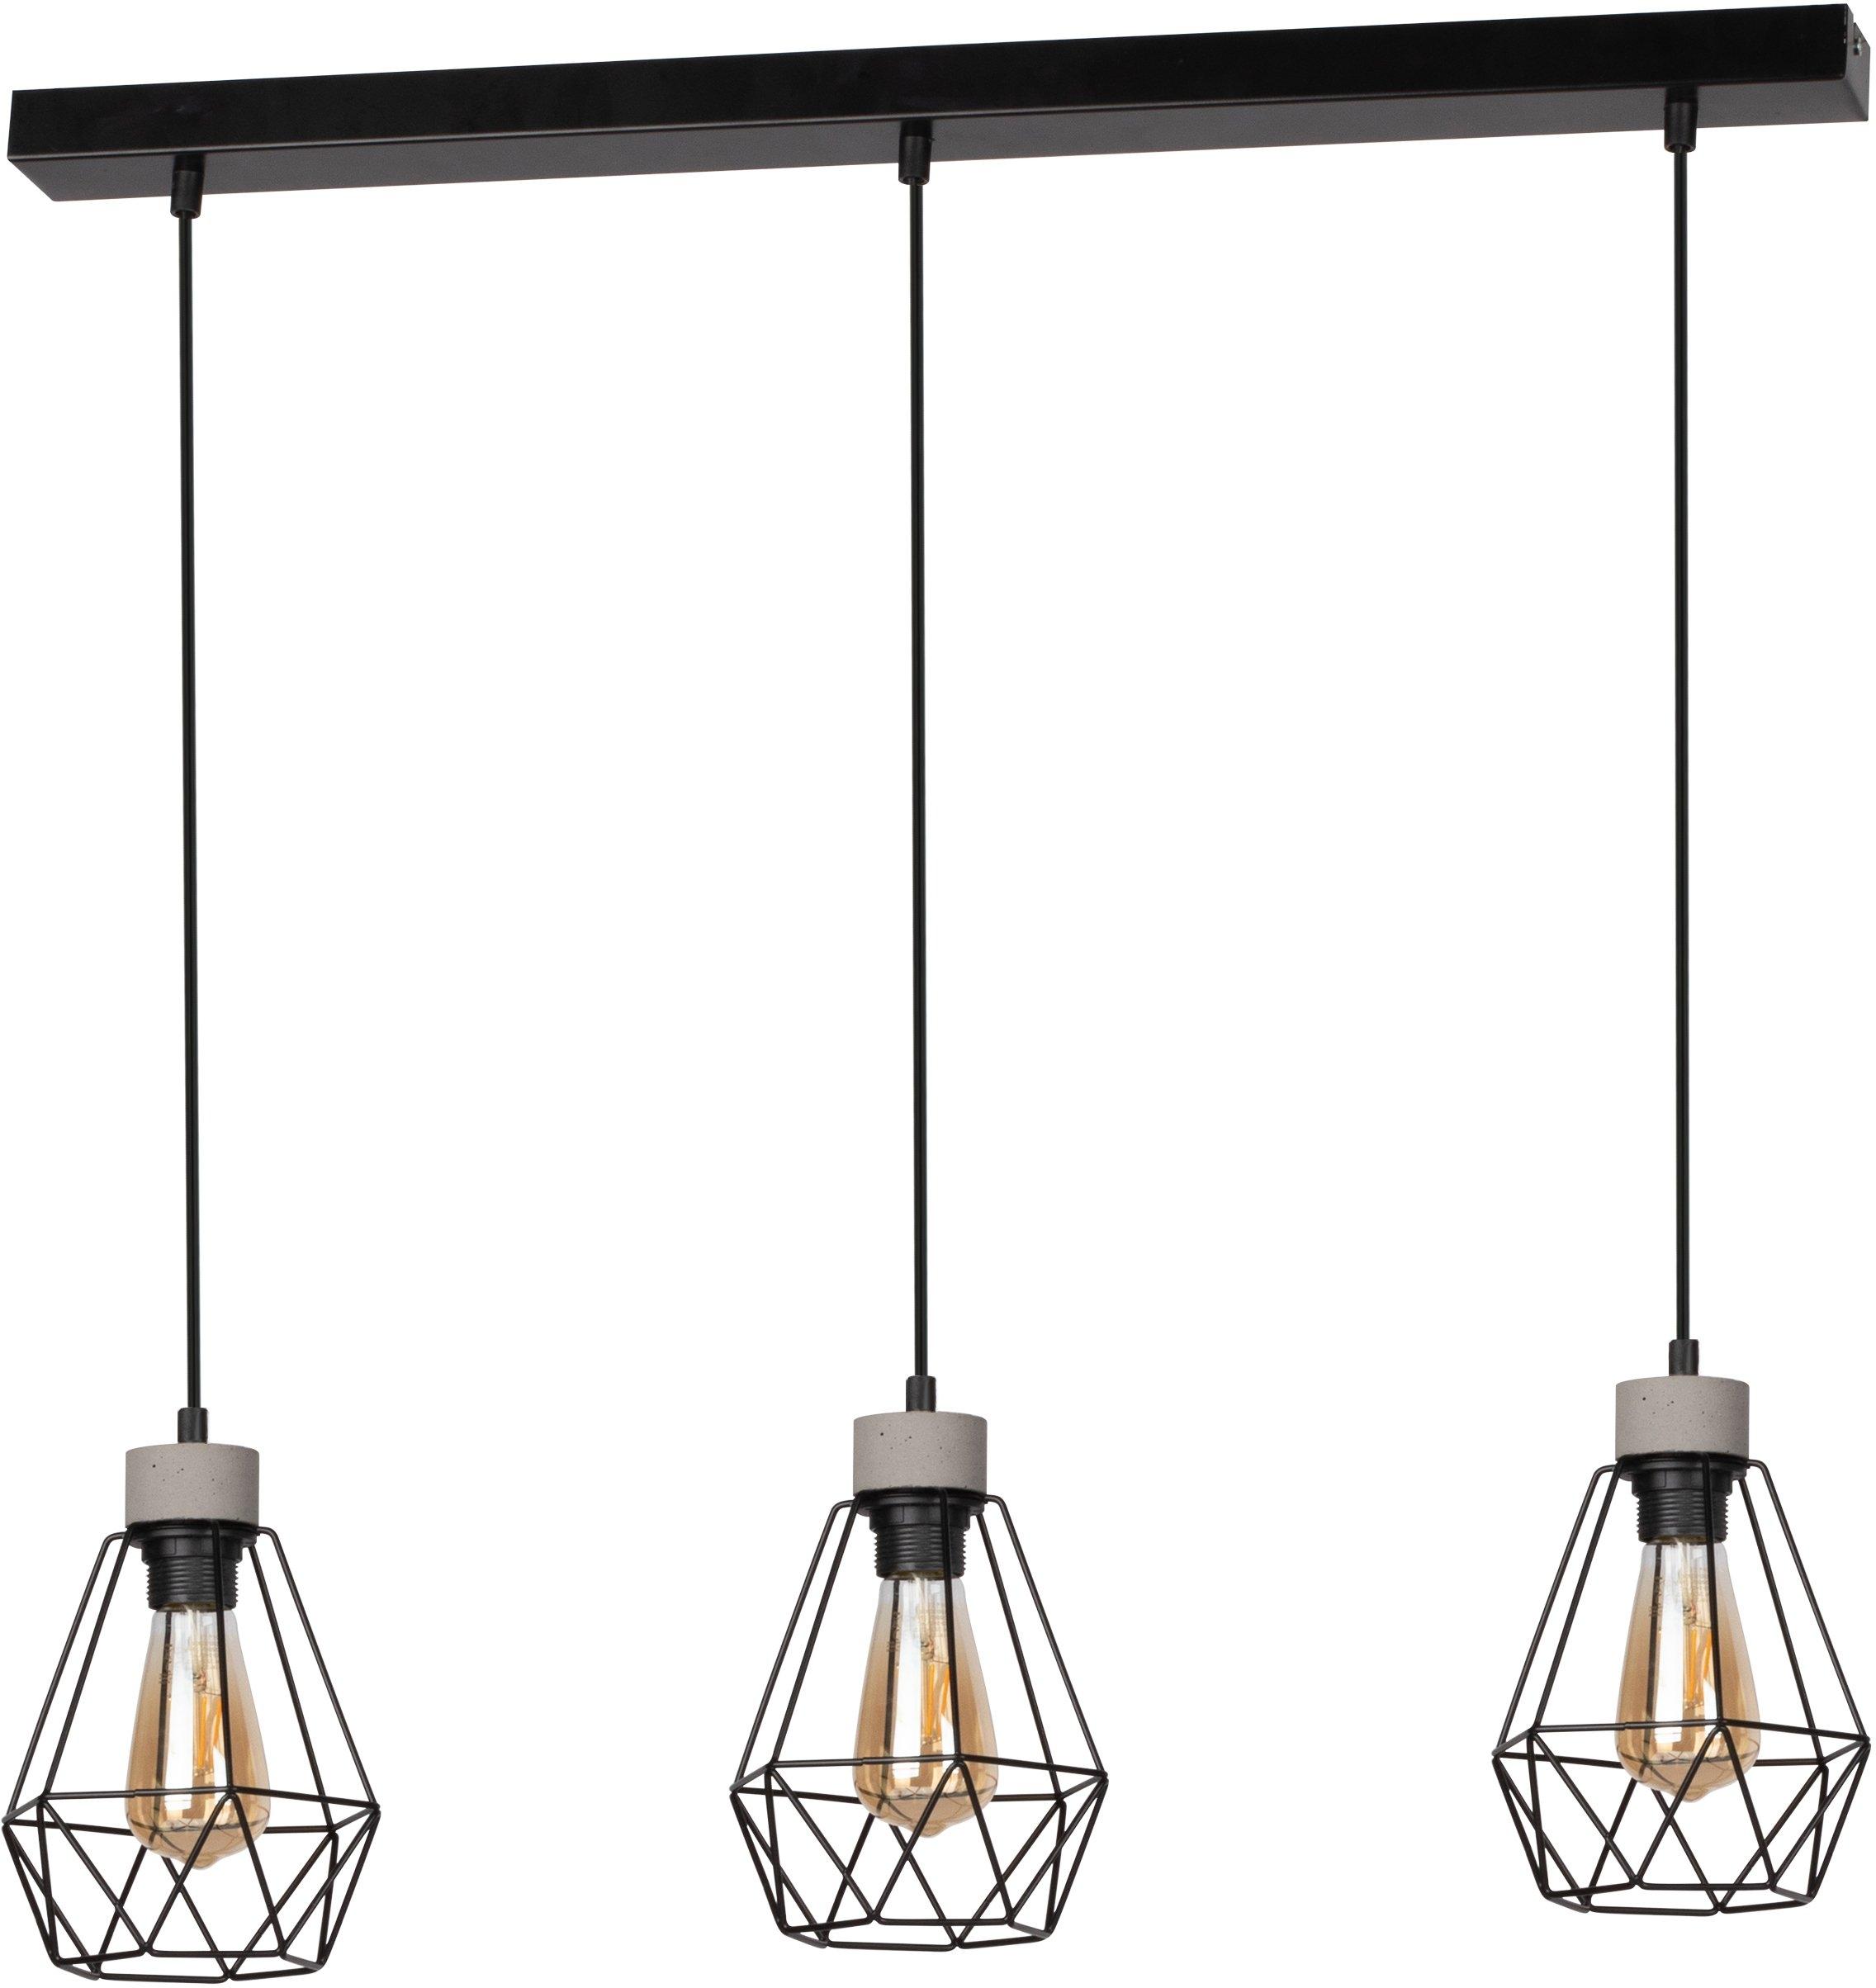 Home affaire hanglamp Hartington Moderne loft-look, met echt beton, bijpassende LM E27/exclusief, duurzaam gemaakt in Europa bij OTTO online kopen